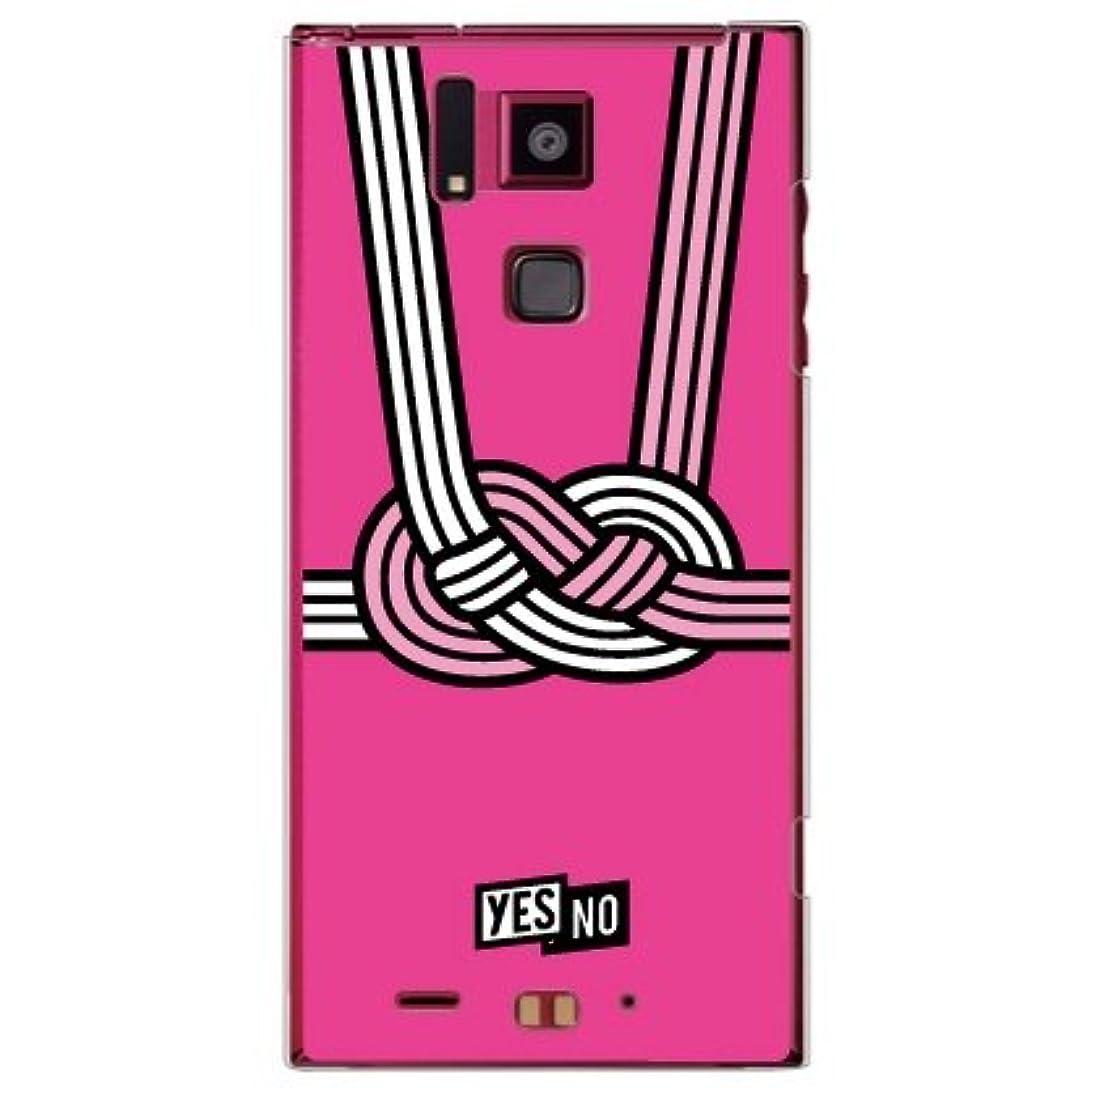 進む証書不従順YESNO ハッピーギフト ピンク (クリア) / for REGZA Phone T-02D/docomo DTSR2D-PCCL-201-N078